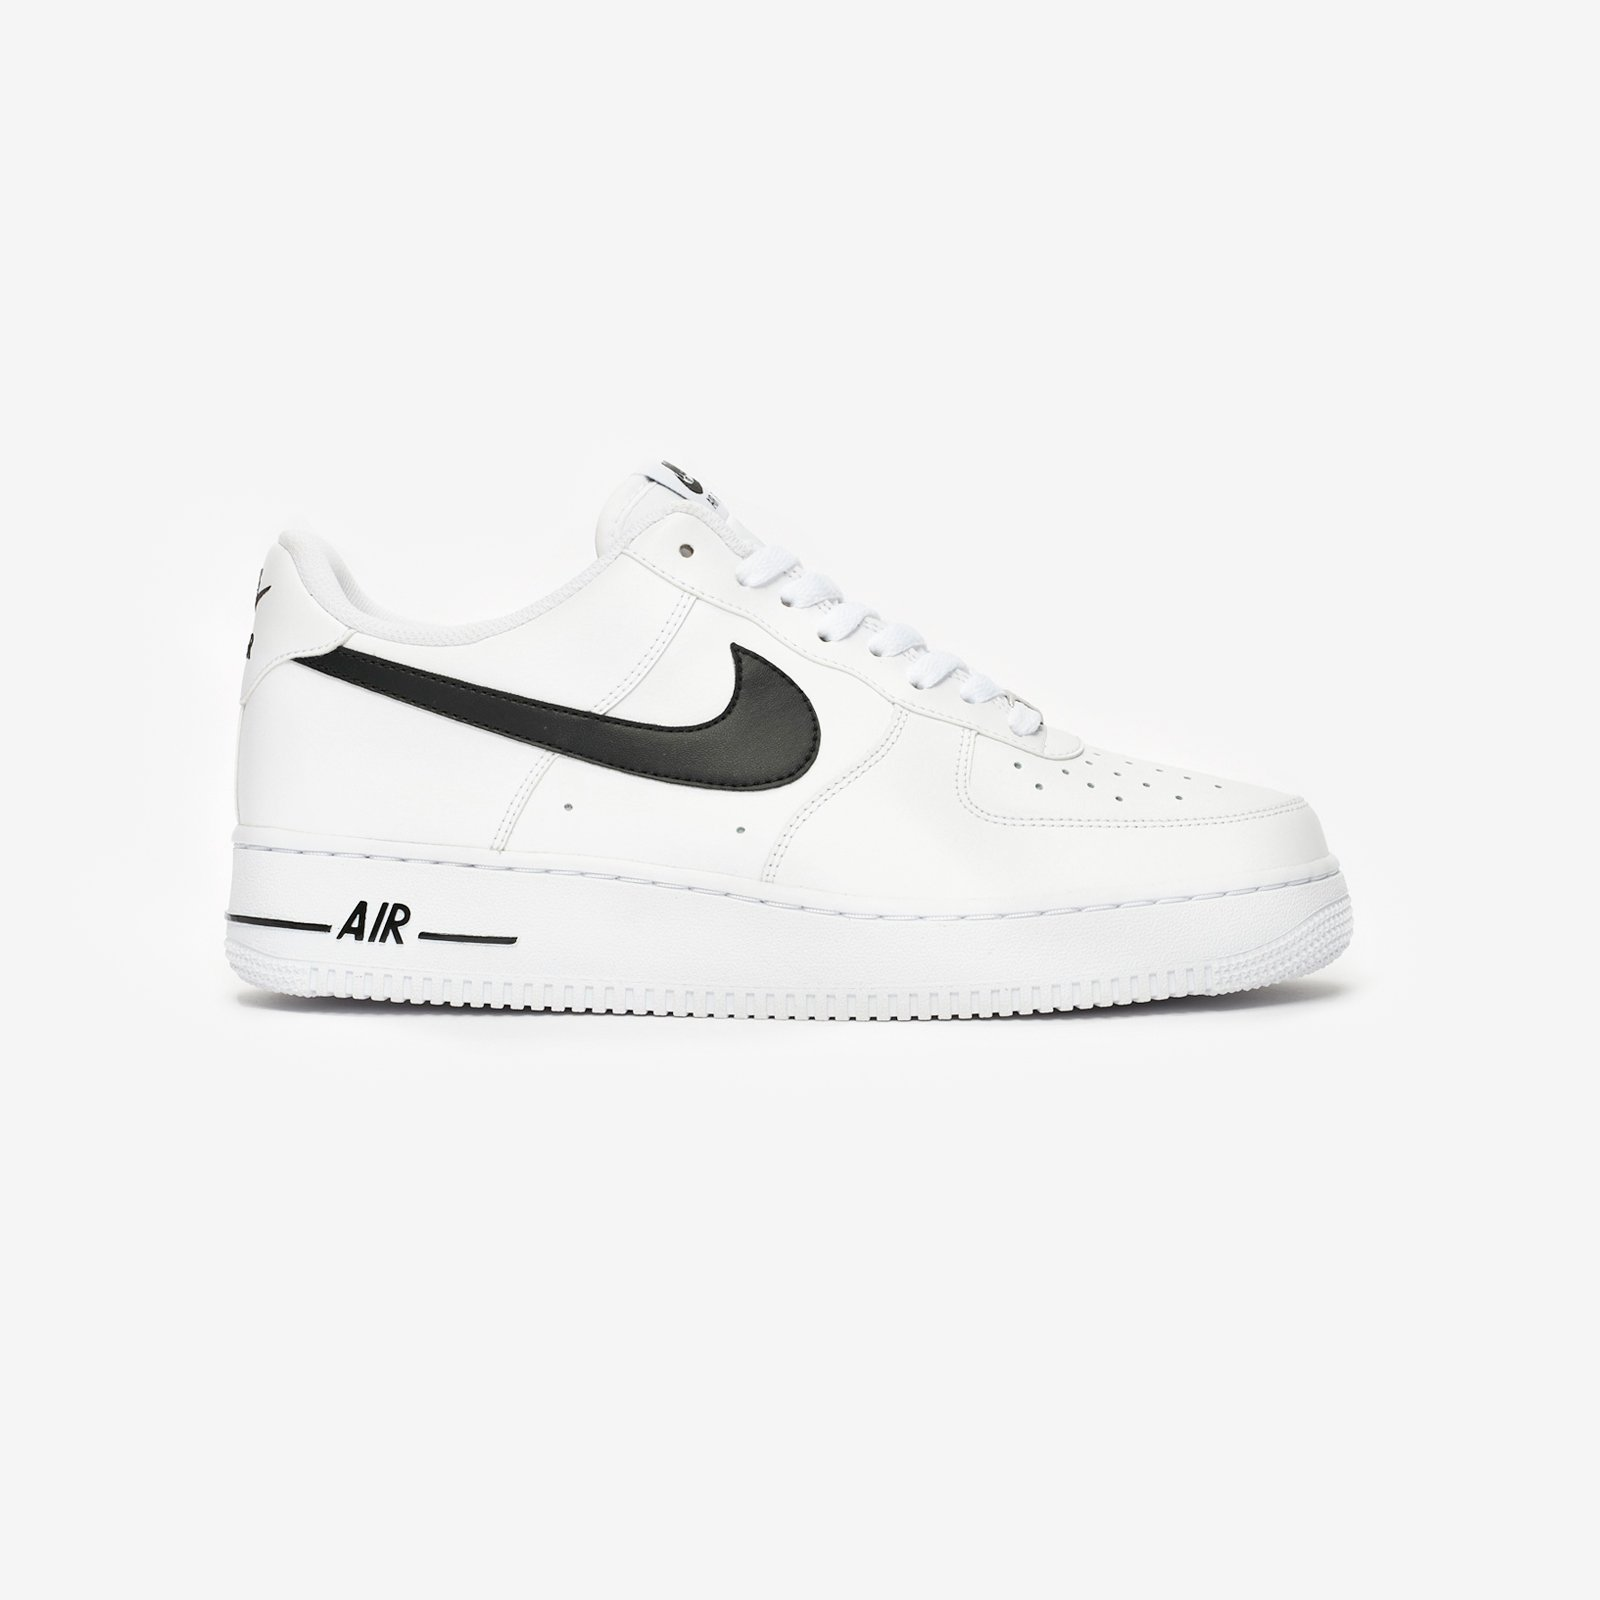 Nike Air Force 1 '07 AN20|WhiteBlack